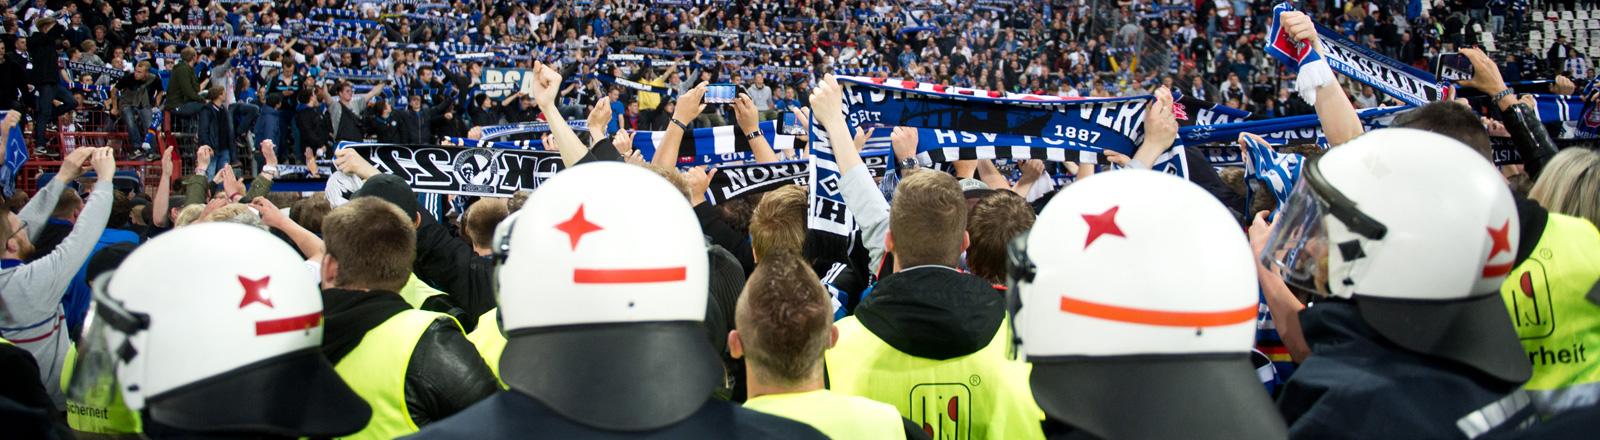 Fußball Bundesliga - Relegation, Rückspiel: Karlsruher SC - Hamburger SV am 01.06.2015 im Wildparkstadion in Karlsruhe.